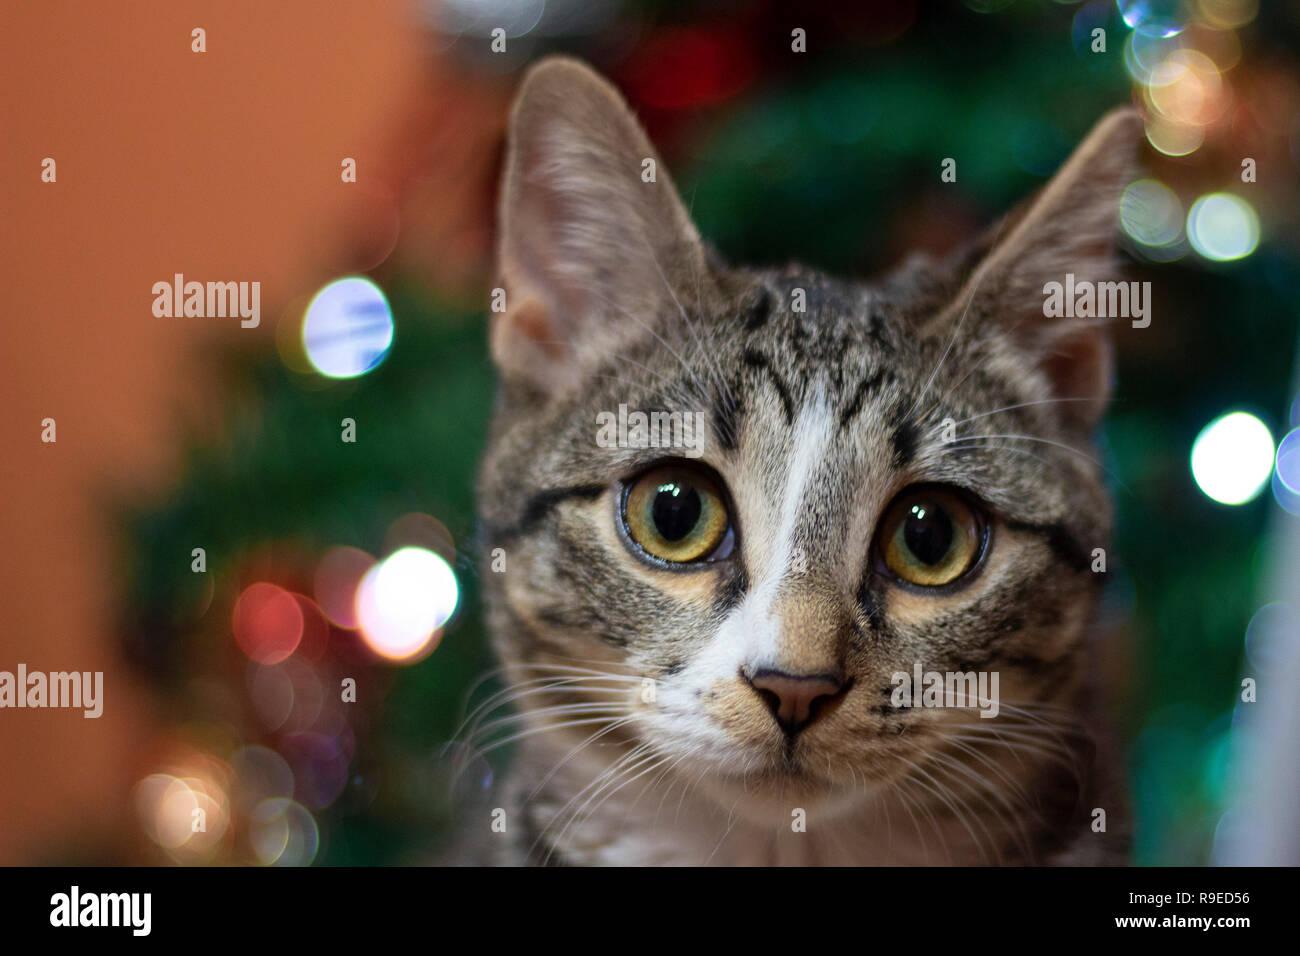 Frohe Weihnachten Katze.Sehr Süße Katze Wünschen Ihnen Frohe Weihnachten Stockfoto Bild